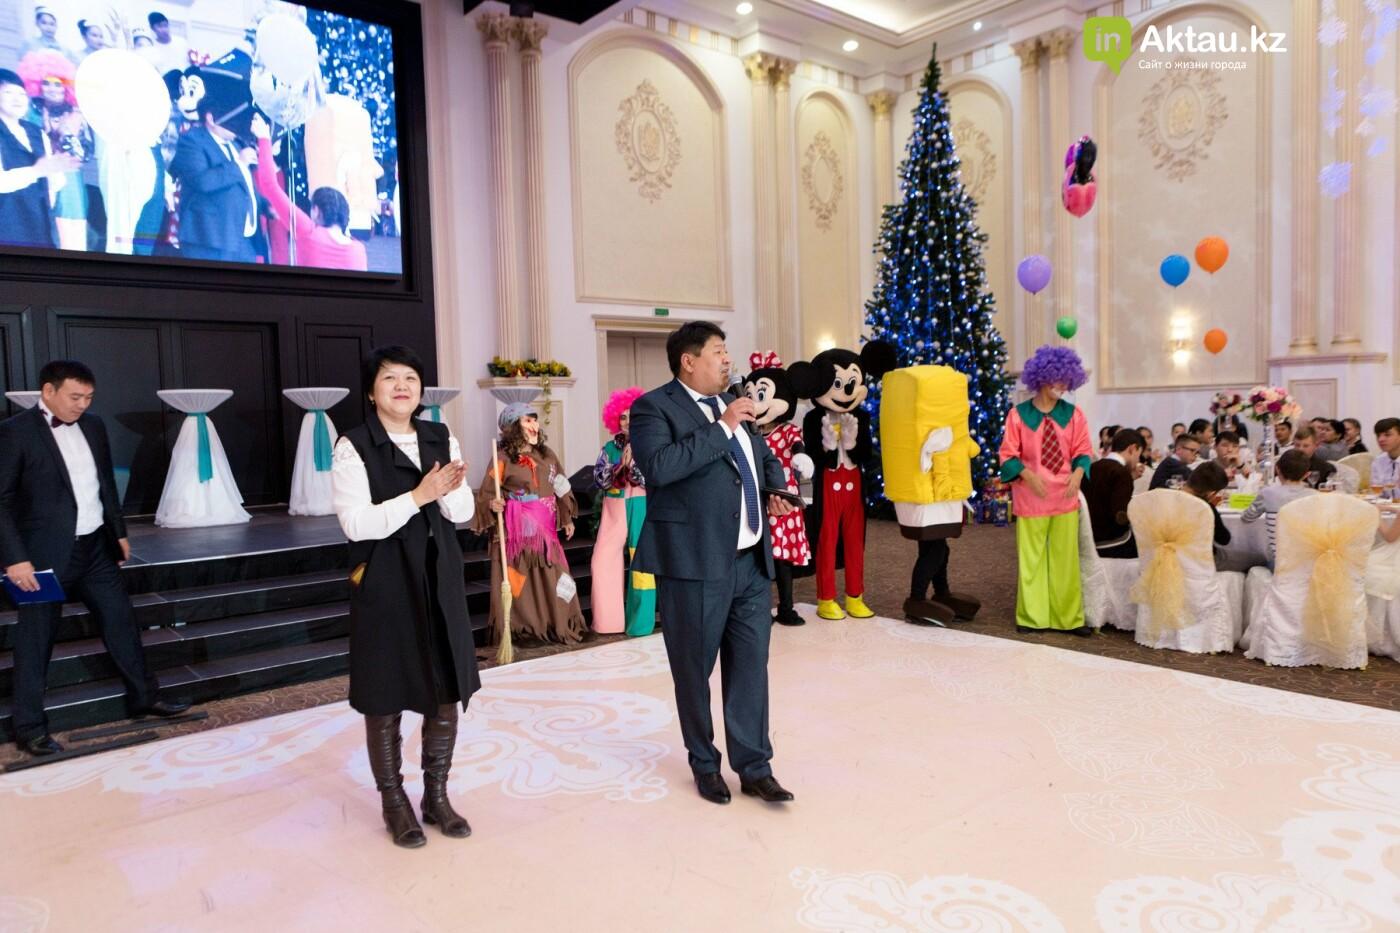 Новогодний праздник устроили детям из малоимущих семей в Актау, фото-5